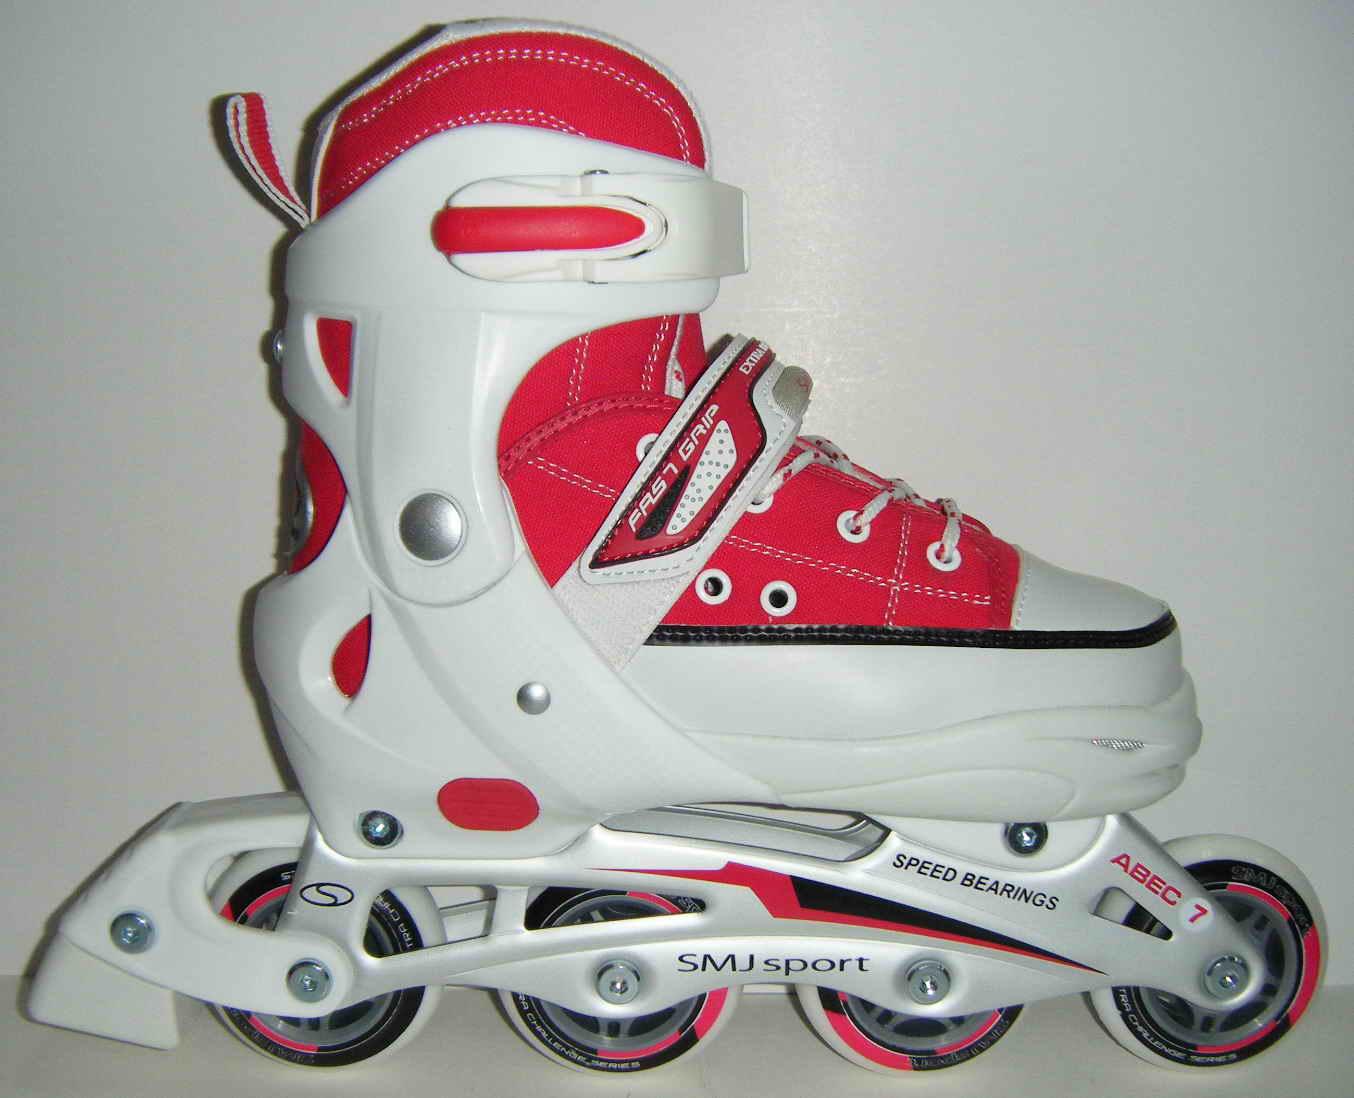 ピンクのインラインスケート